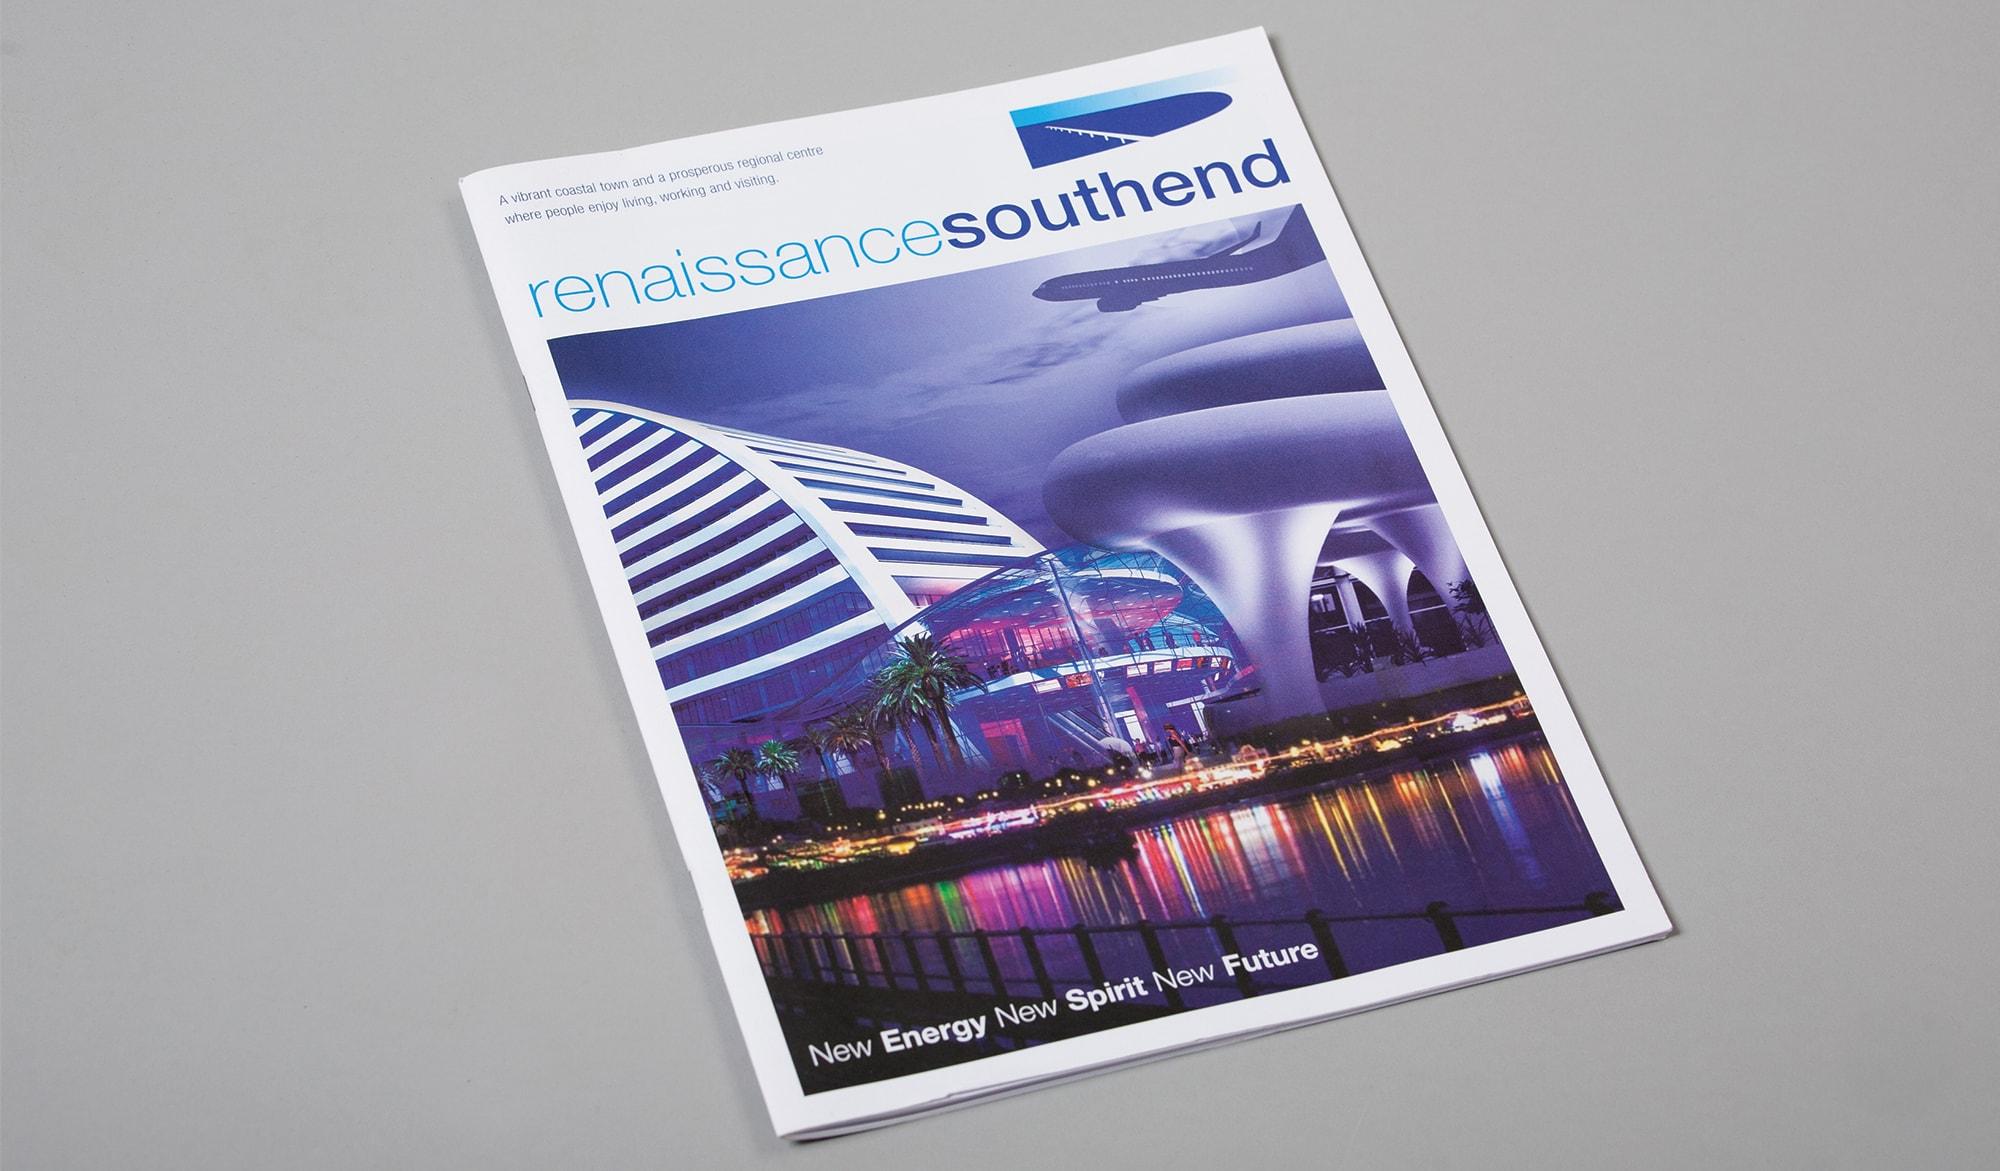 Renaissance Southend - brochure